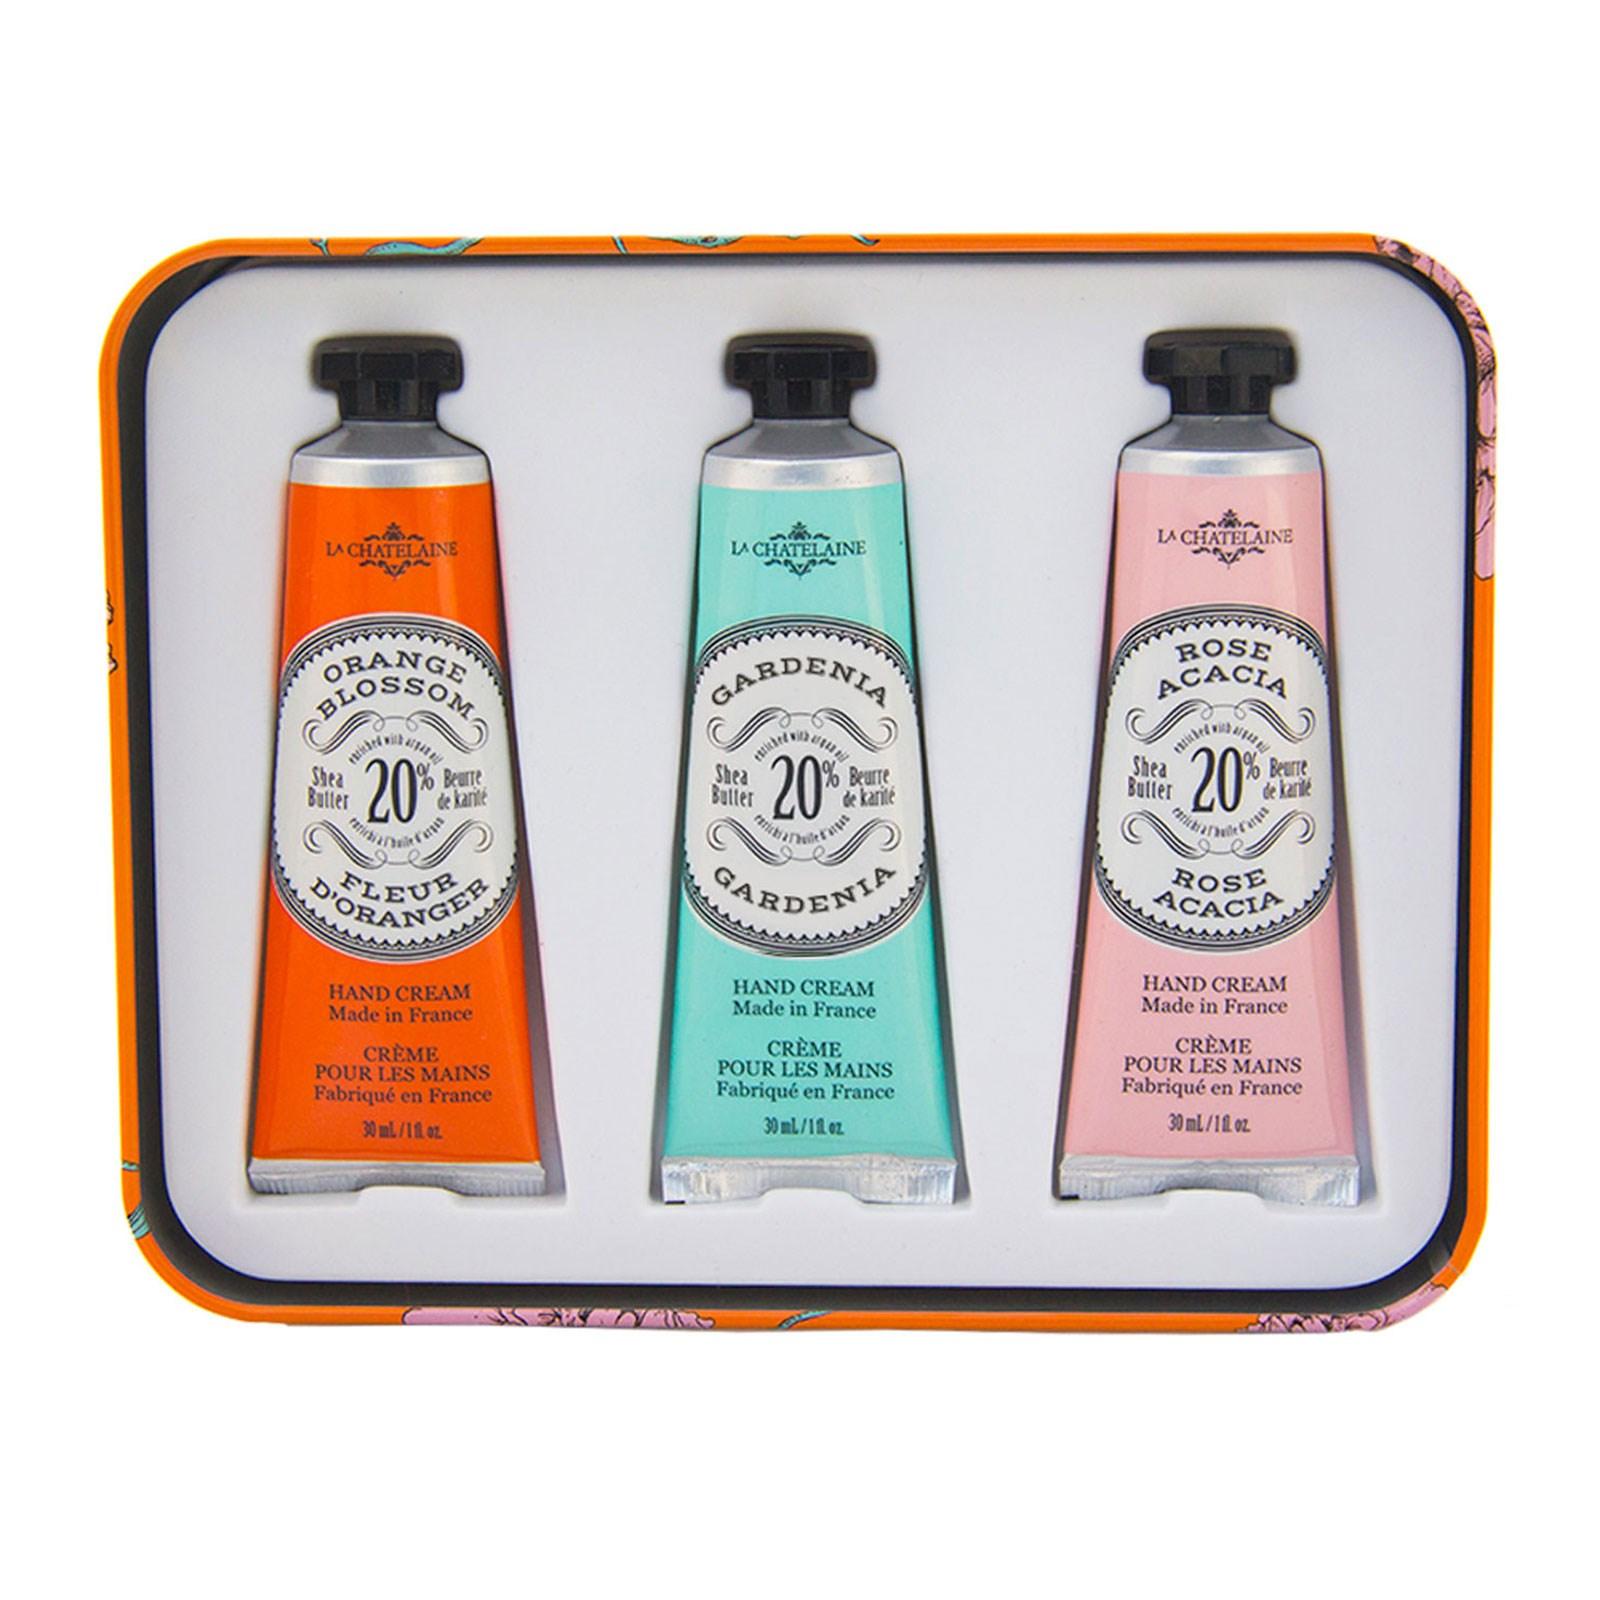 La Chatelaine, Крем для рук «Трио», апельсин, 3 шт. по 1 жидк. унц. (30 мл) каждый